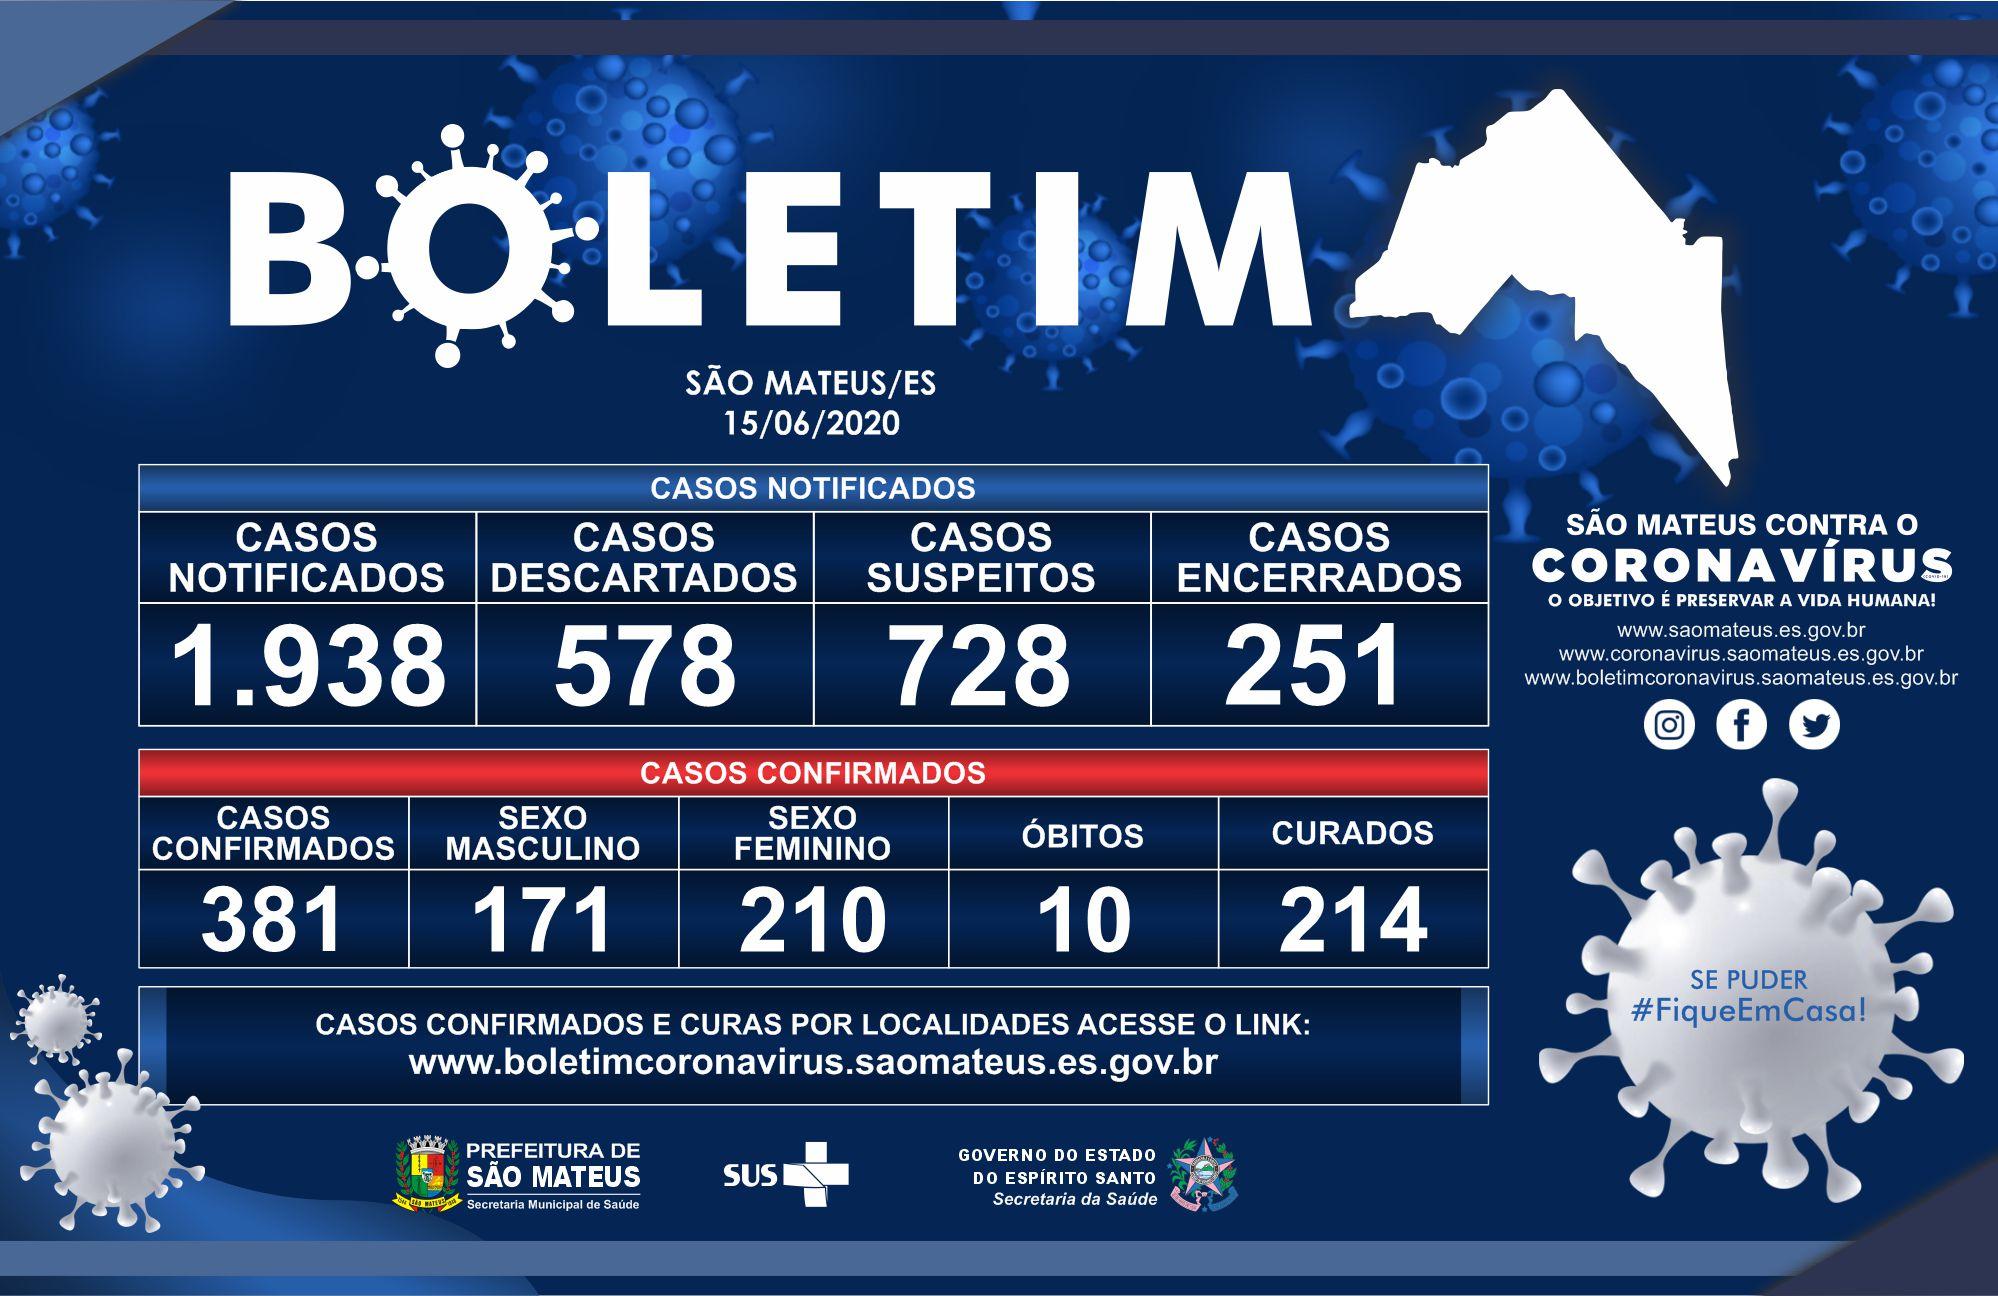 CORONAVÍRUS EM SÃO MATEUS 15/06 (SEGUNDA-FEIRA): 381 CASOS CONFIRMADOS E 214 CURADOS